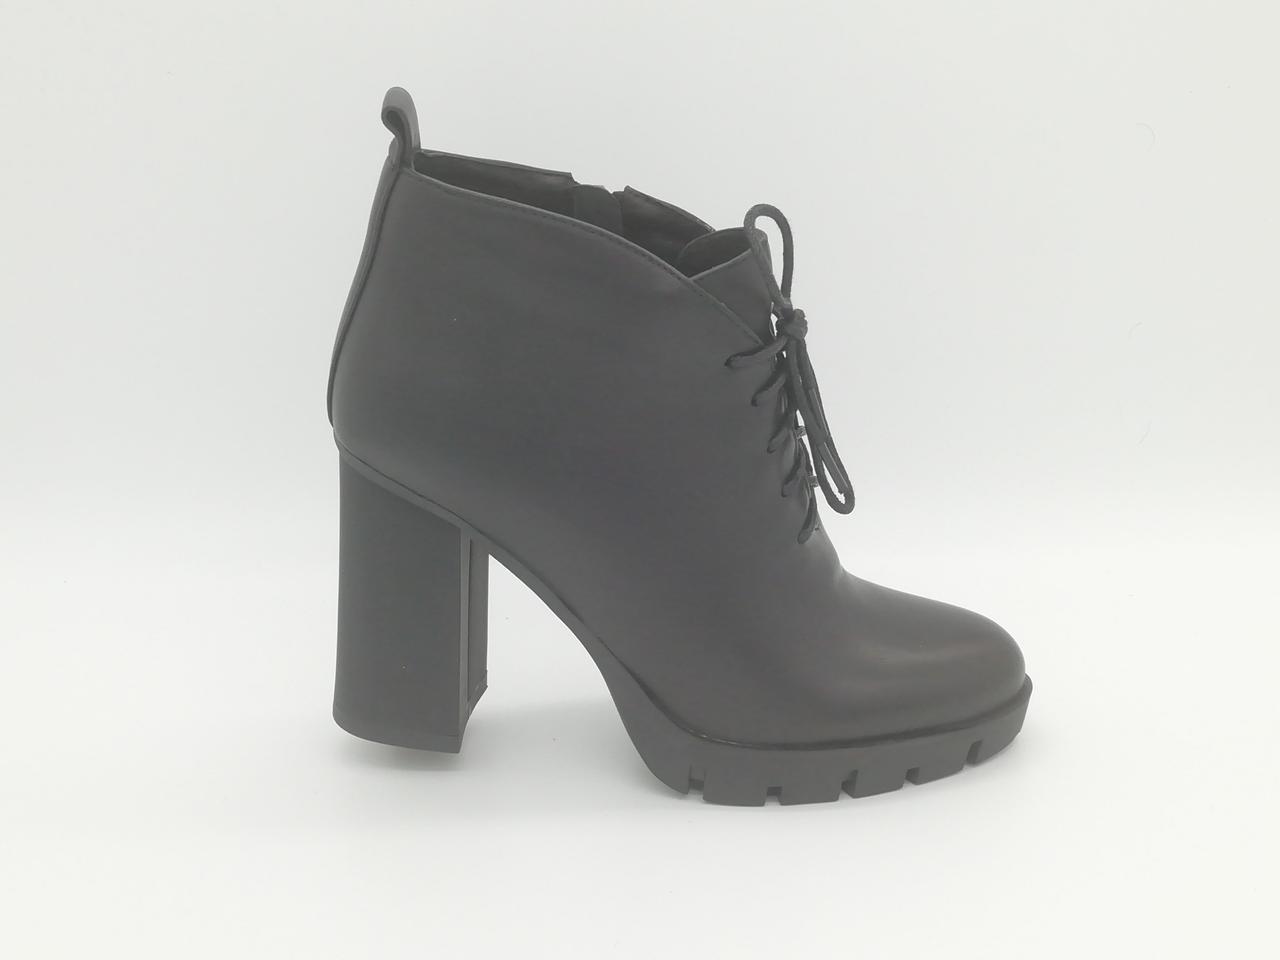 Шкіряні чорні черевички на підборах. Ботильйони. Маленькі розміри ( 33 - 35 ).